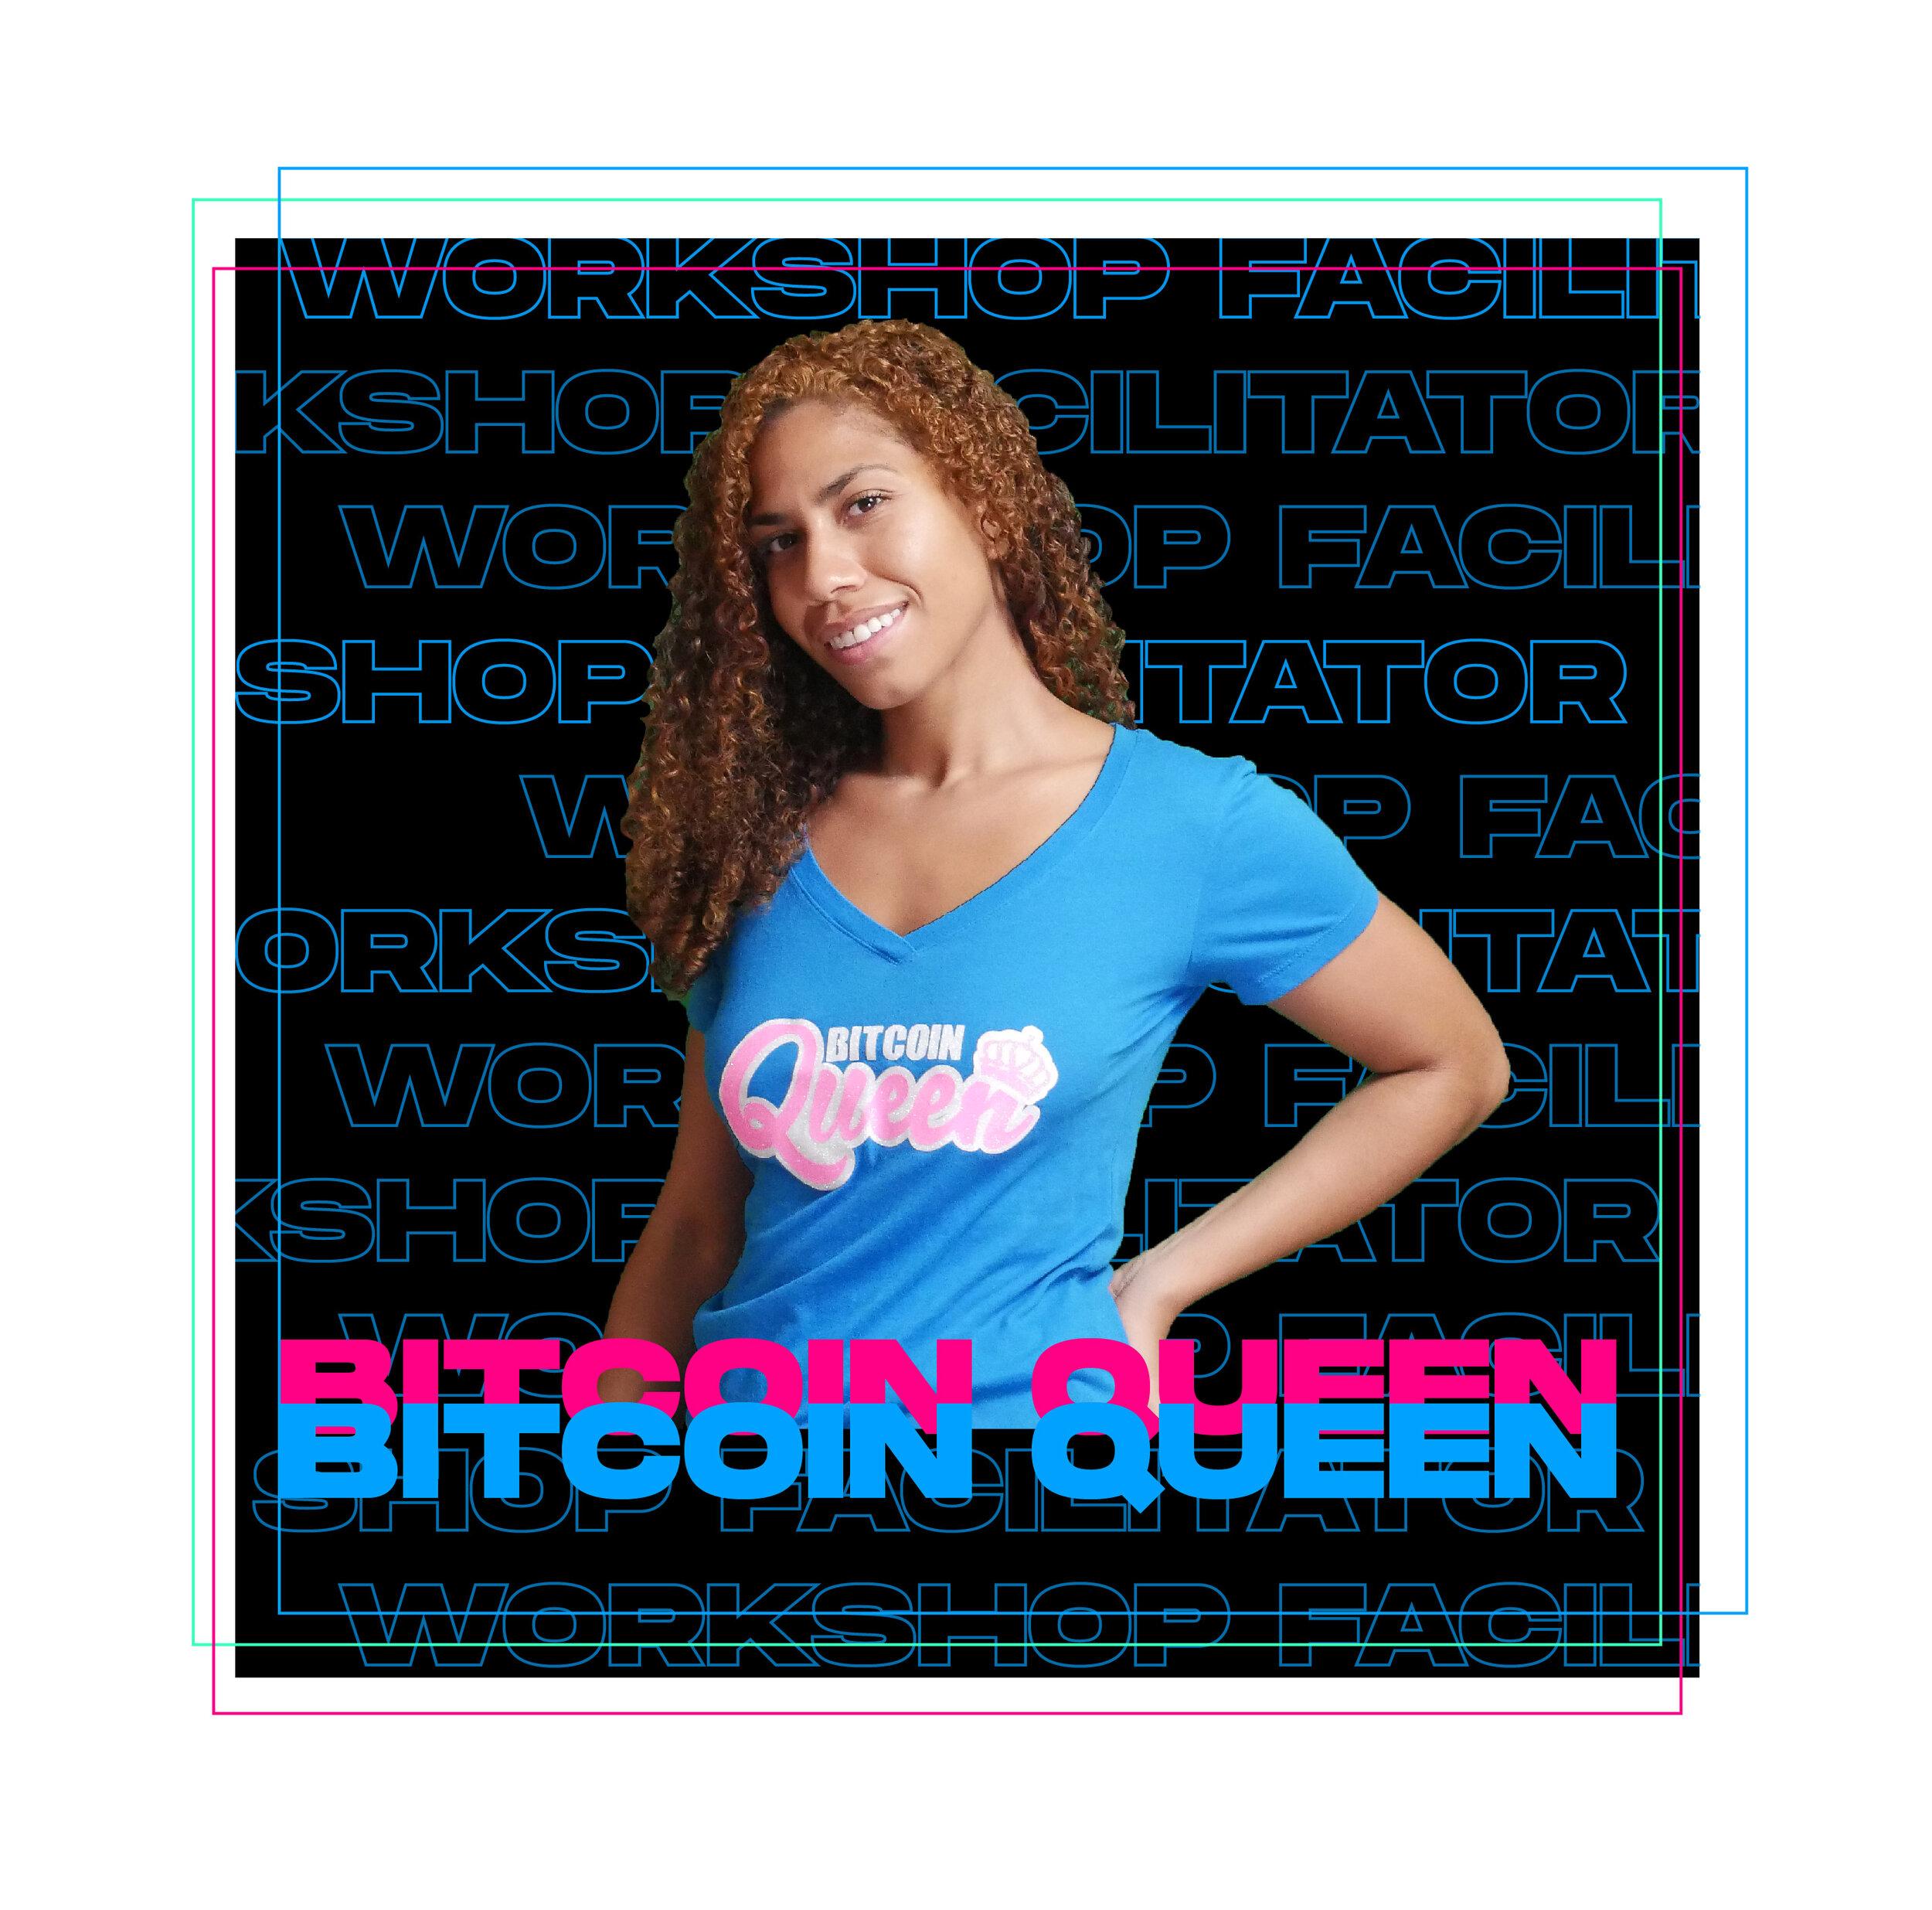 pirkite bitcoin į jae